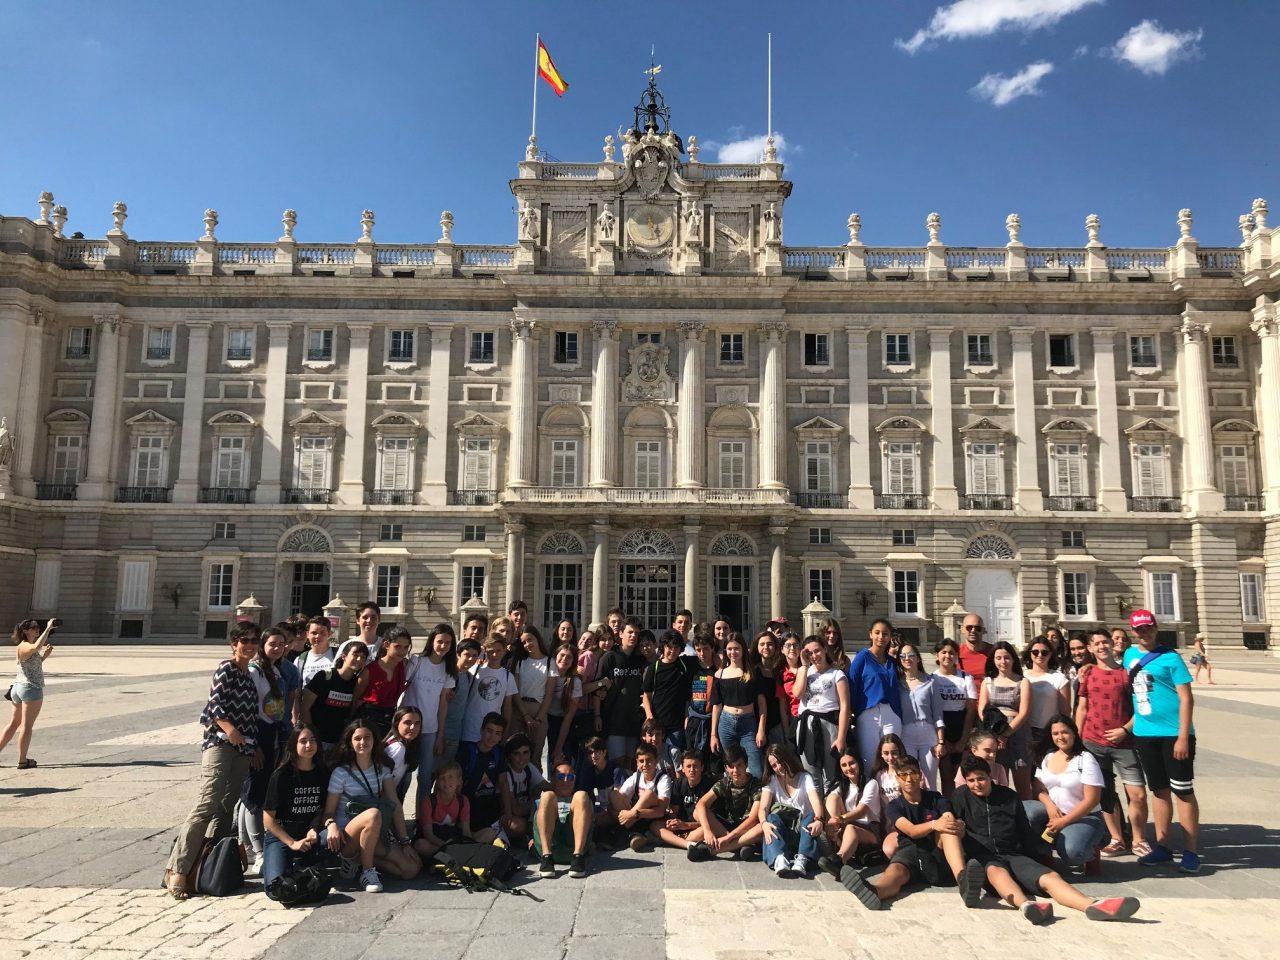 2-eso-visita-a-madrid-05-2019-1-1280x960.jpg